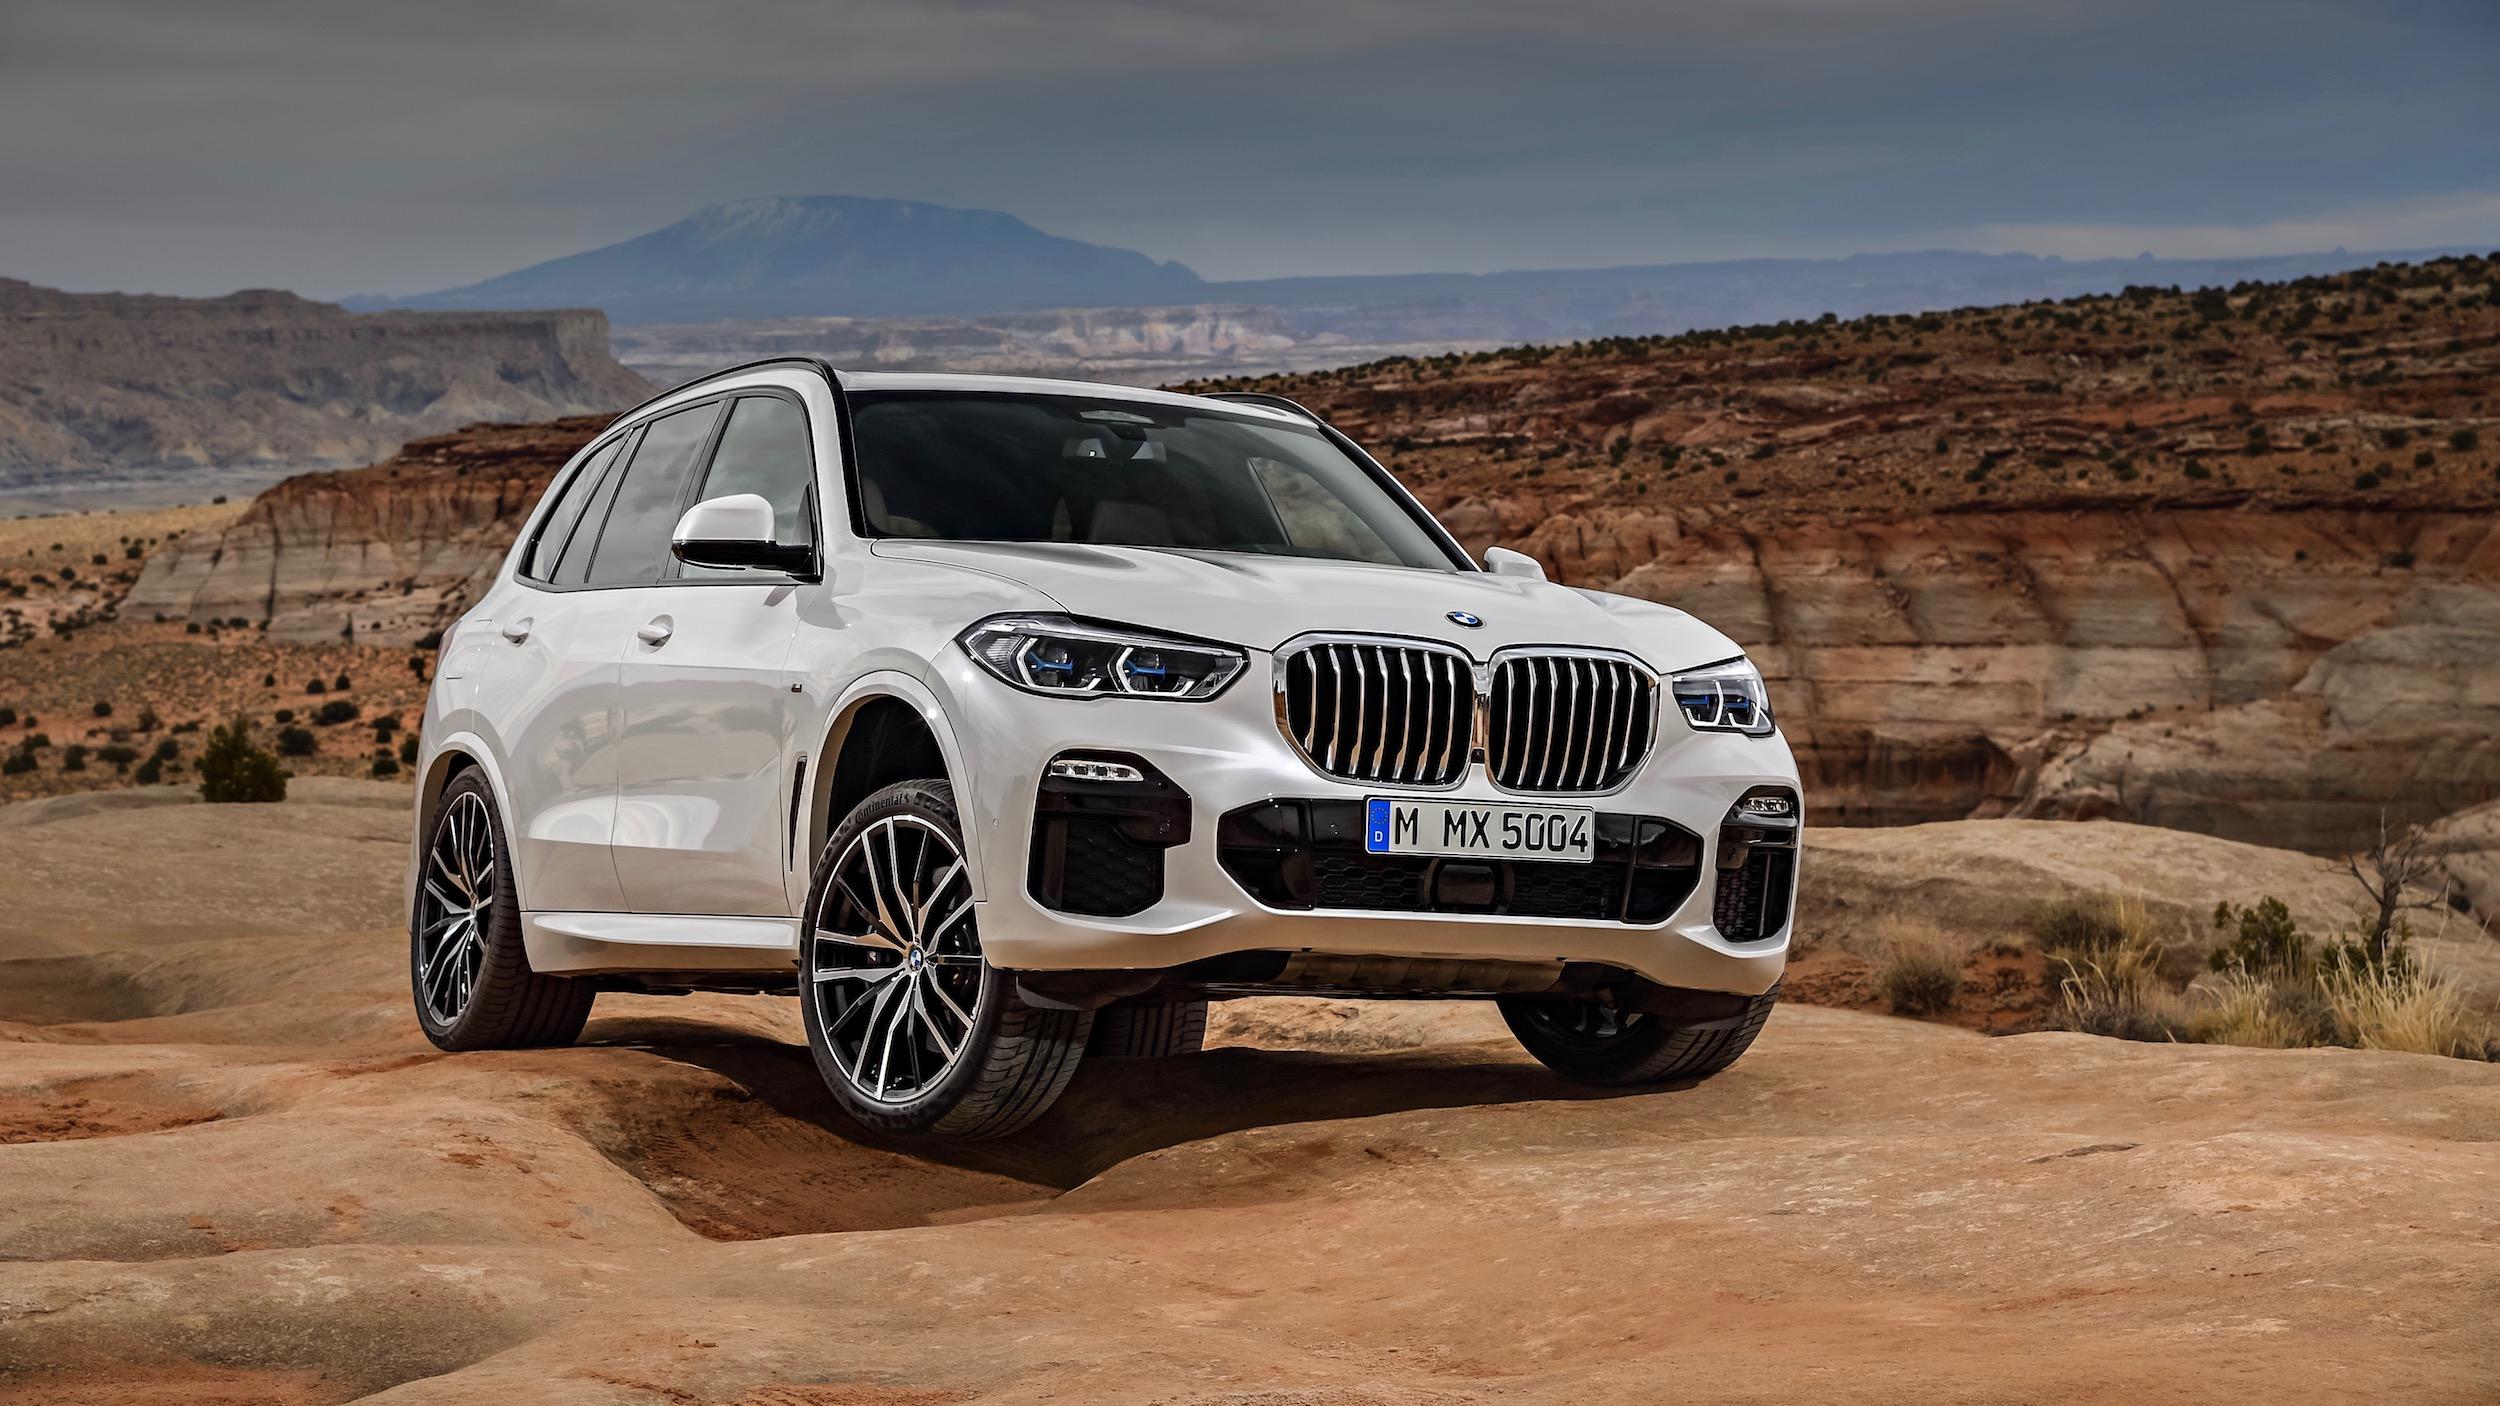 BMW X5 hybride foto's (2019)